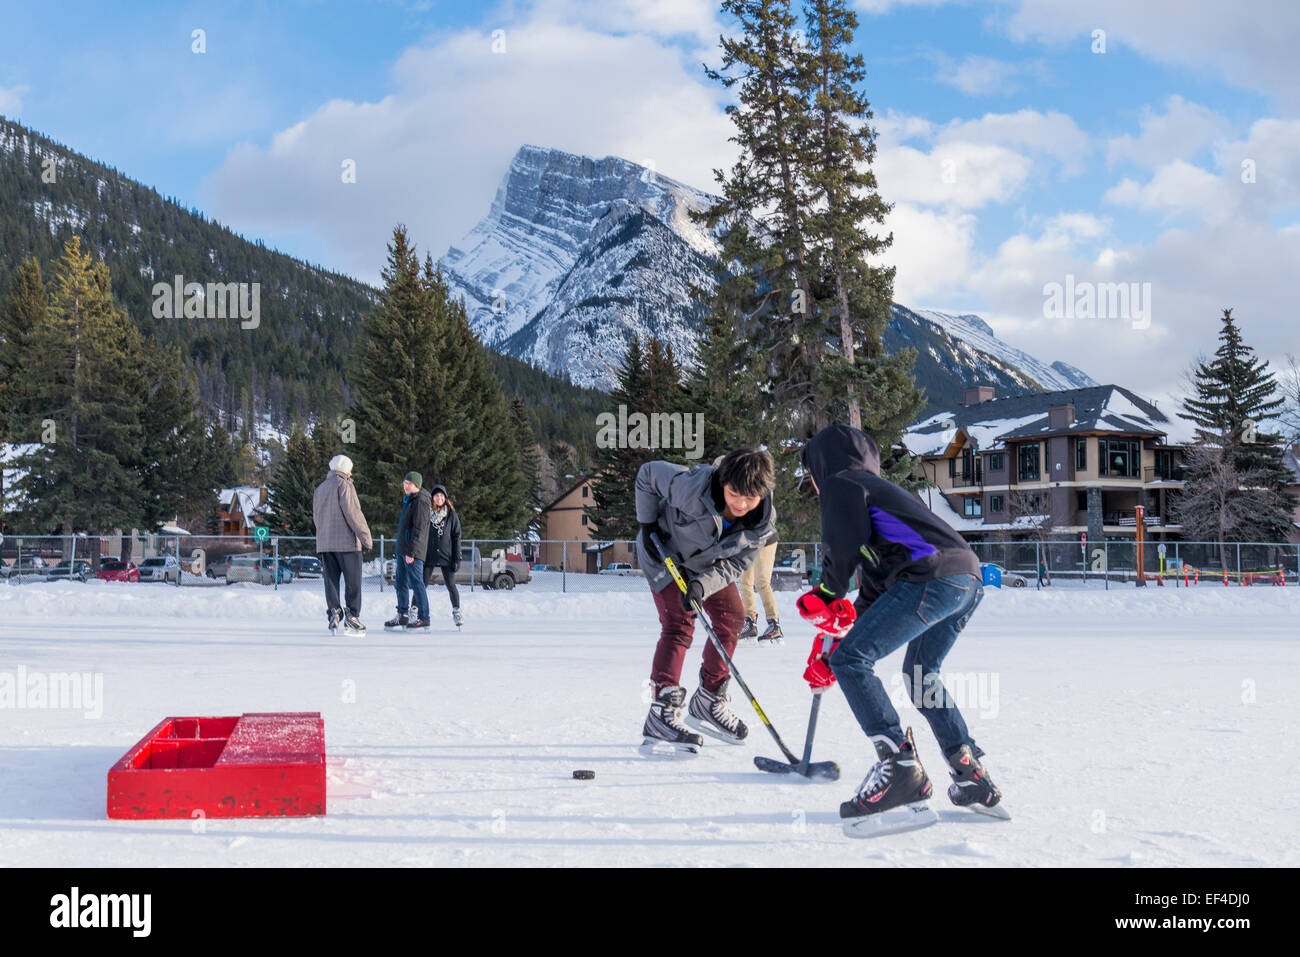 Ragazzi che giocano a hockey su ghiaccio, Banff, il Parco Nazionale di Banff, Alberta, Canada Immagini Stock